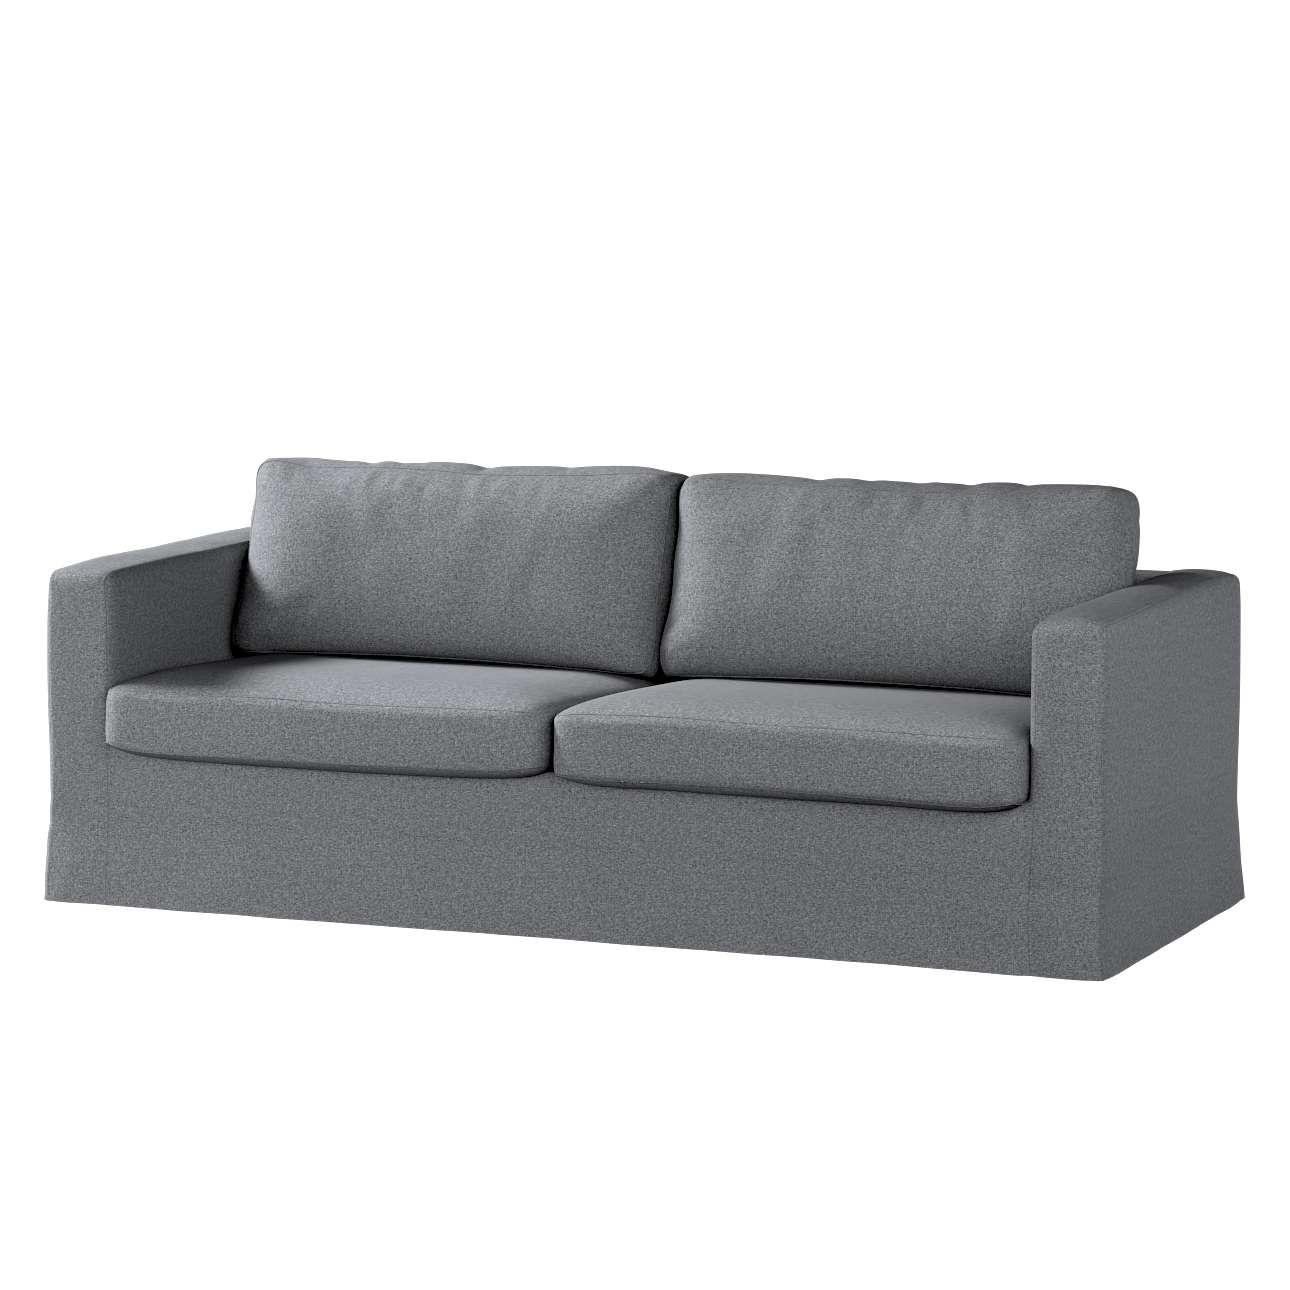 Pokrowiec na sofę Karlstad 3-osobową nierozkładaną, długi w kolekcji Amsterdam, tkanina: 704-47